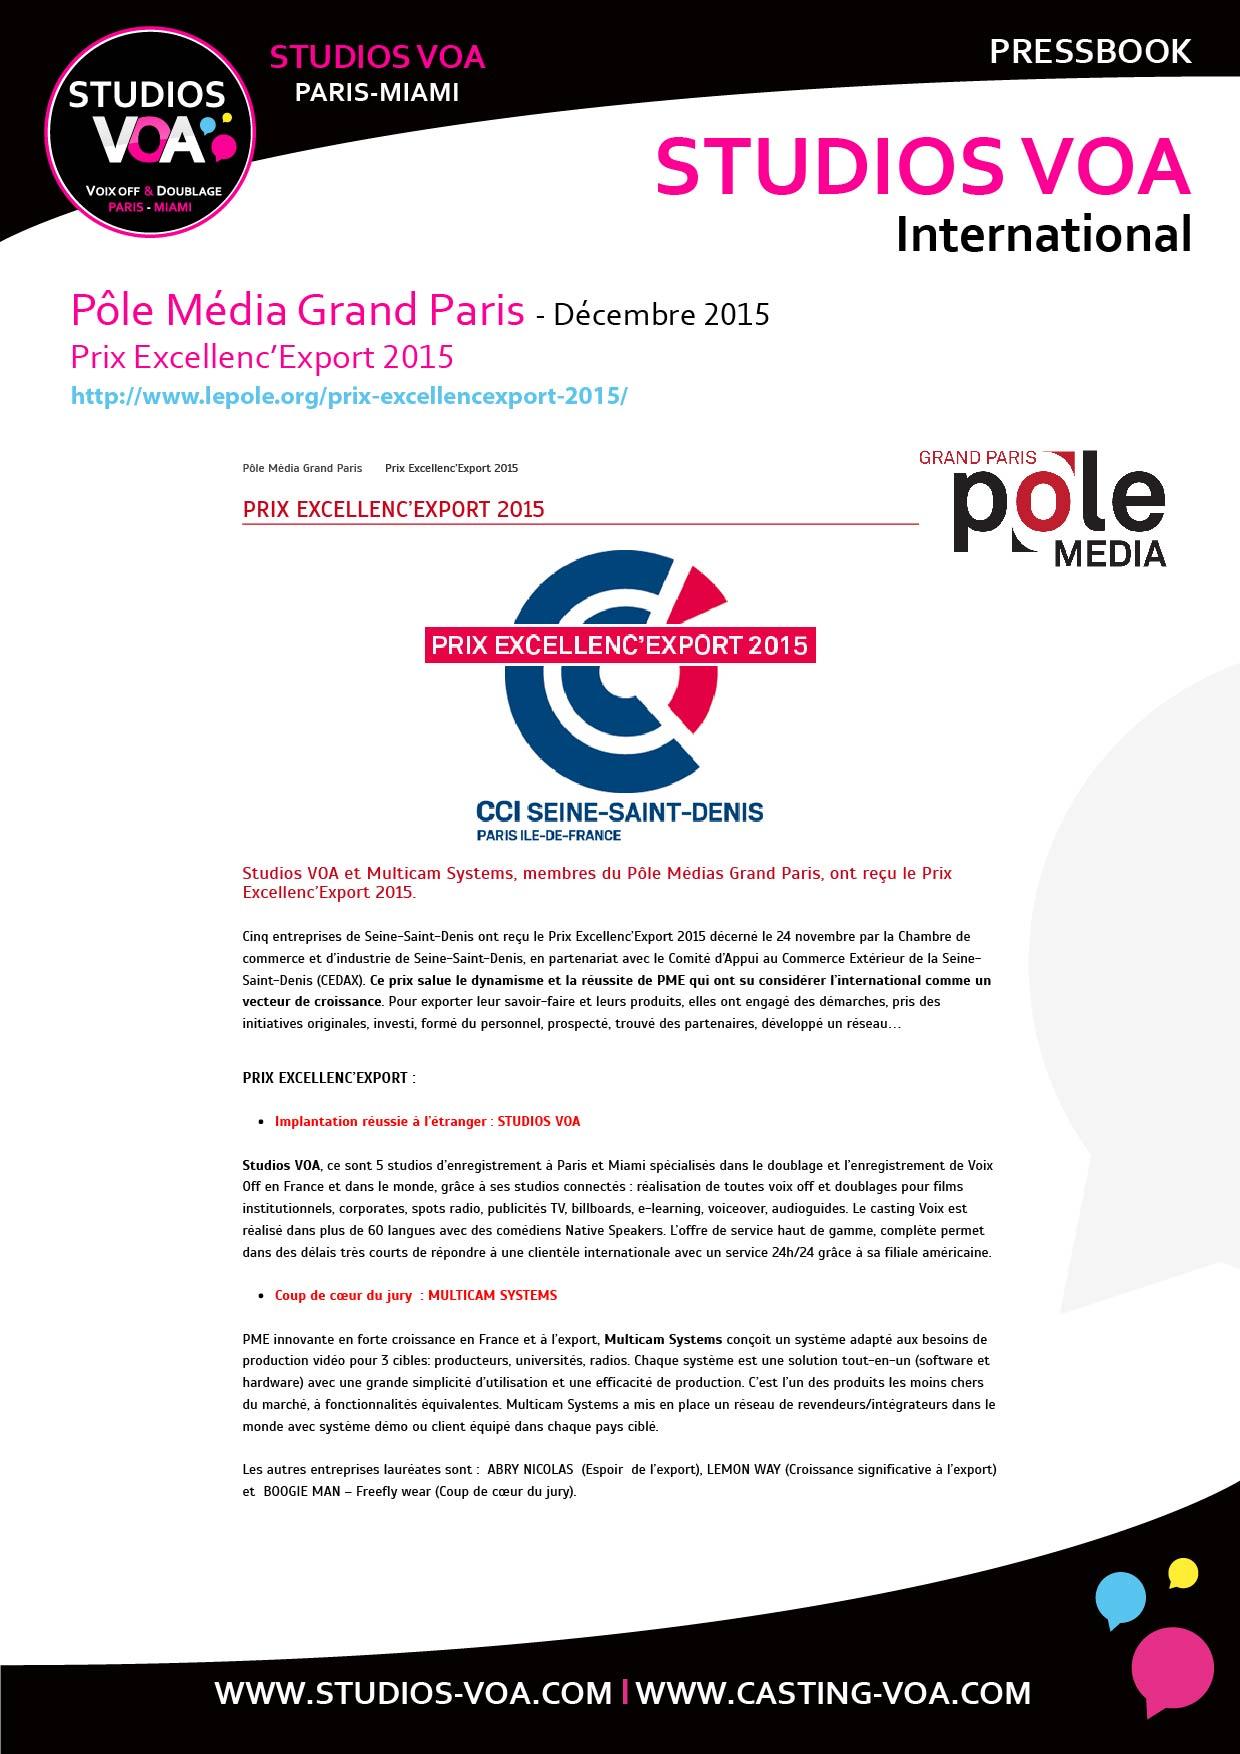 Pressbook-VOA_160122_Plan-de-travail-7